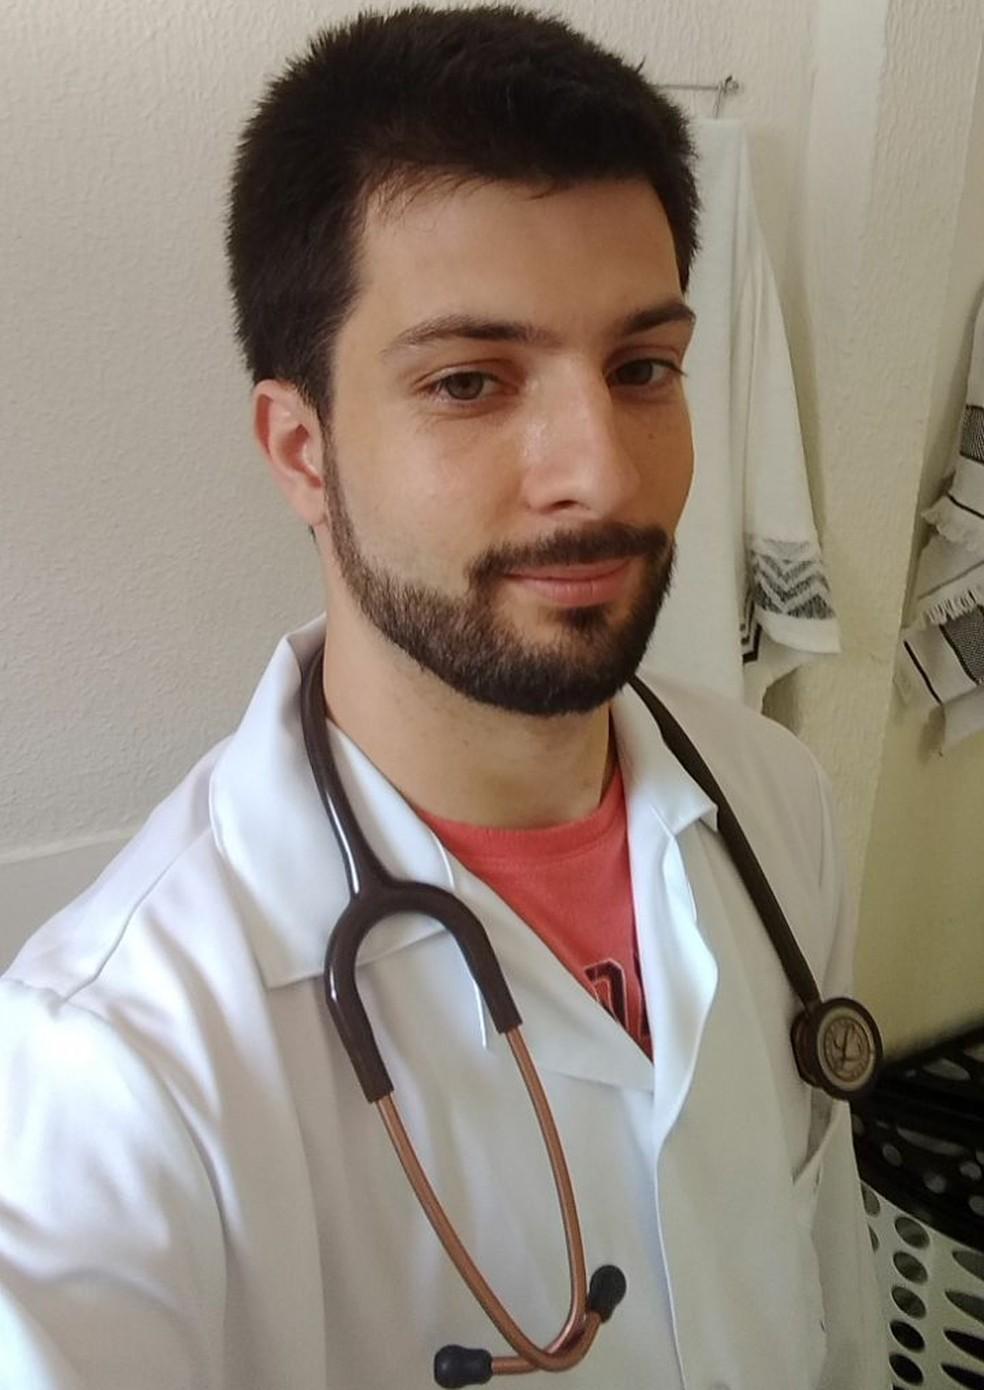 Fabrício está cursando o primeiro ano de medicina na Famema (Foto: Arquivo pessoal)